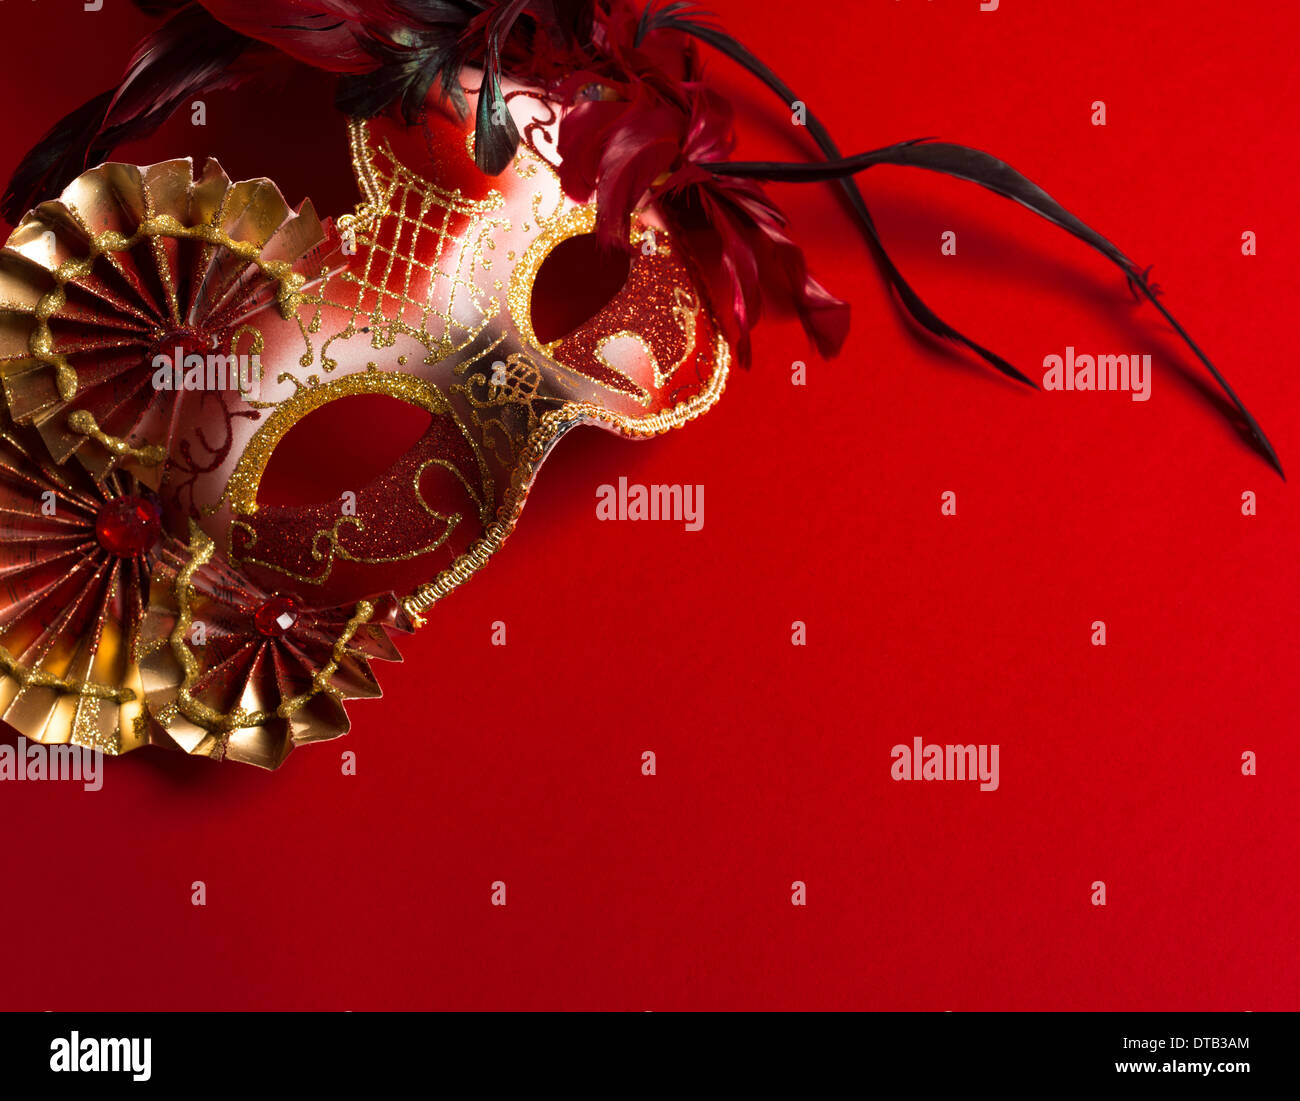 Un rosso e oro veneziano, Mardi Gras maschera su uno sfondo rosso Immagini Stock